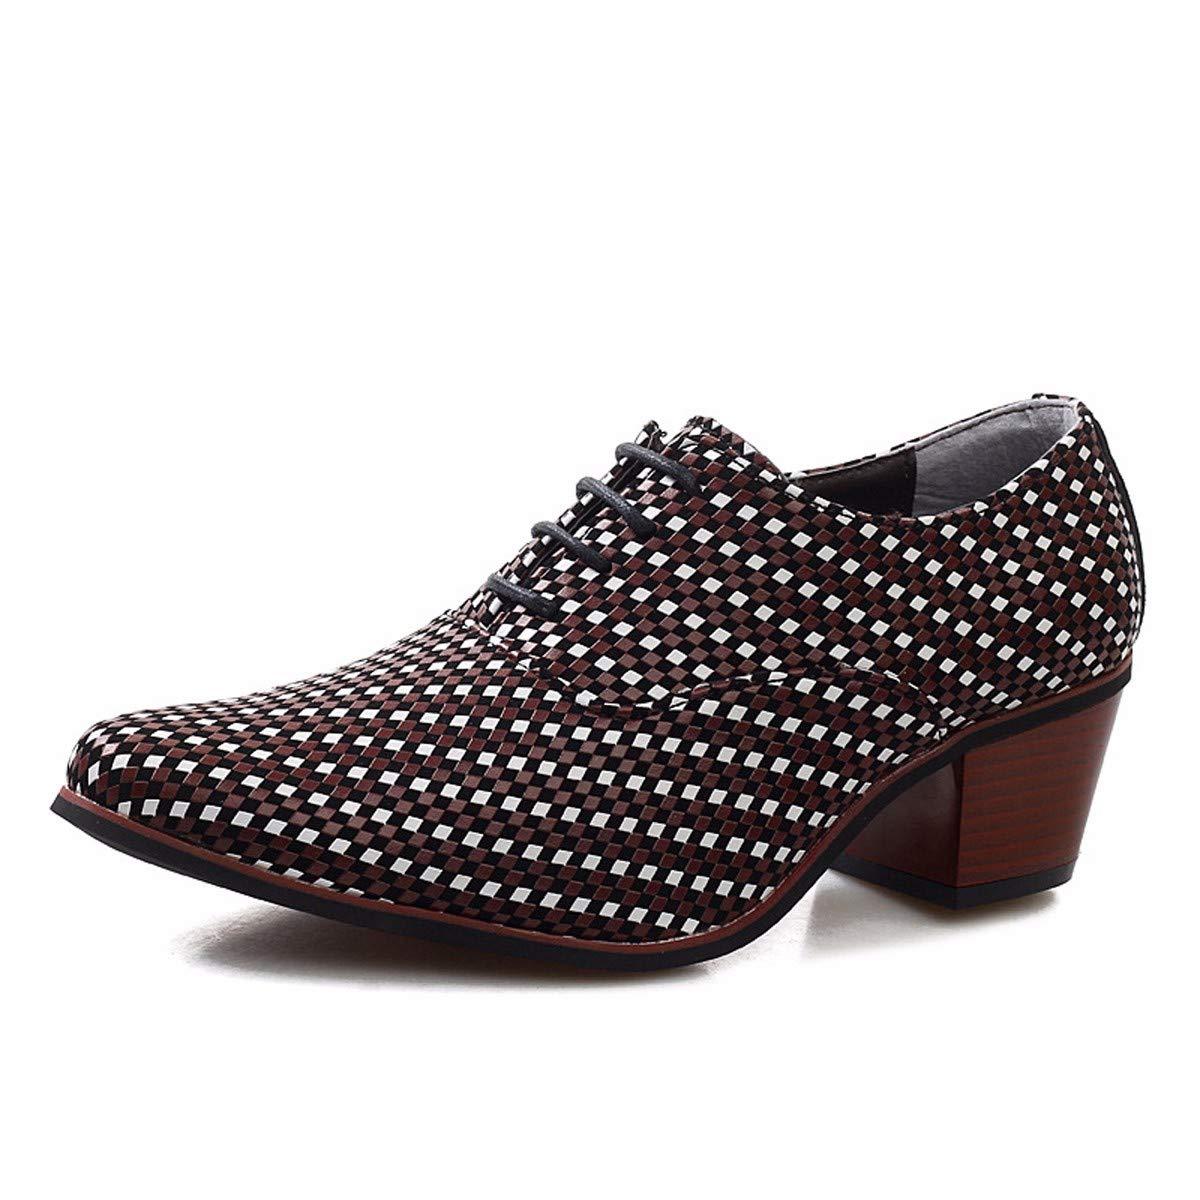 KMJBS-Männer Lässige Schuhe Scharfe Spitzen Flut Schuhe Hairstylists High Heels.Blau 40